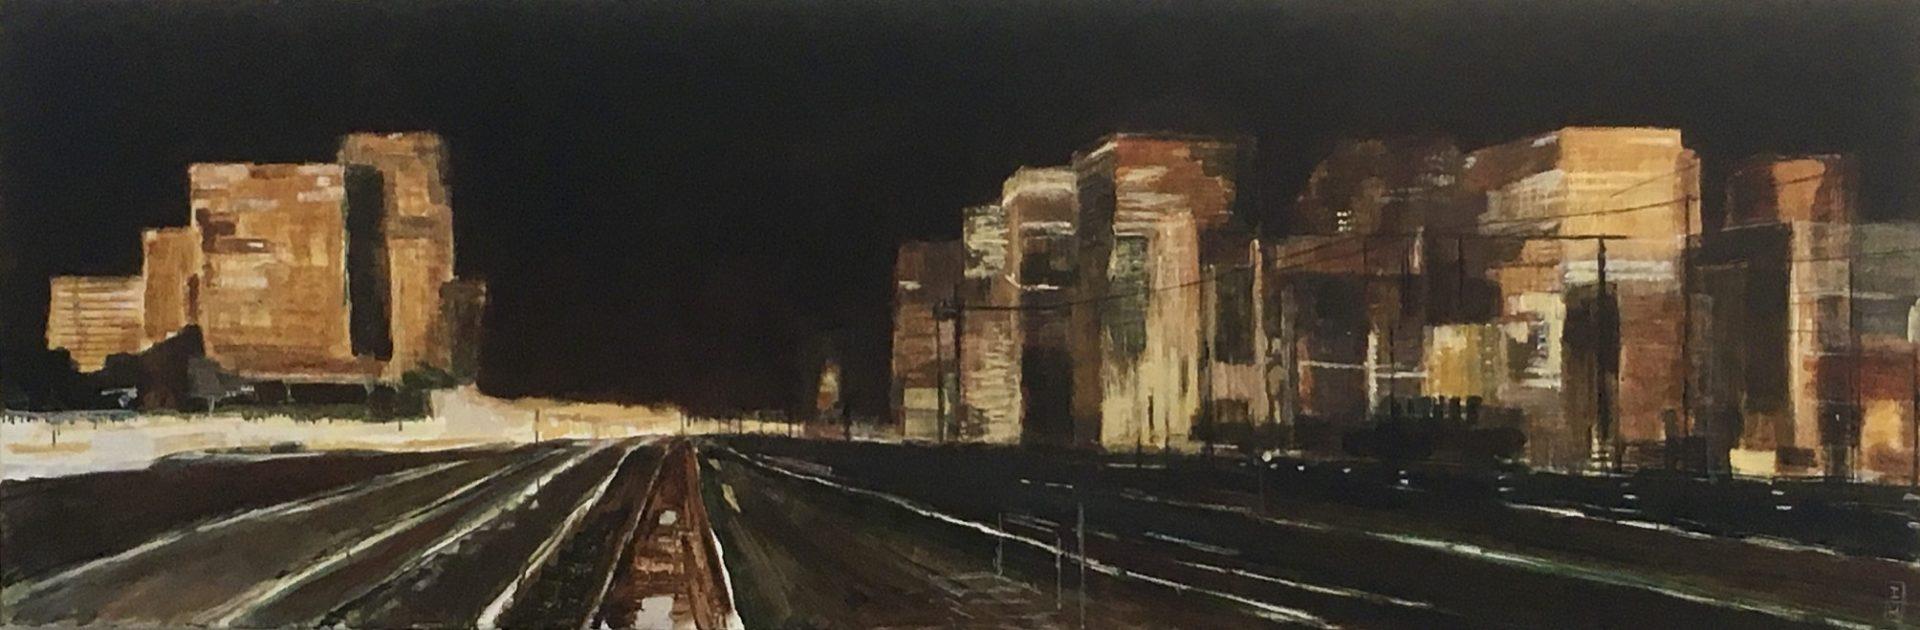 Station Zuid/WTC, nacht I Acryl op doek I 60 x 180 cm. I